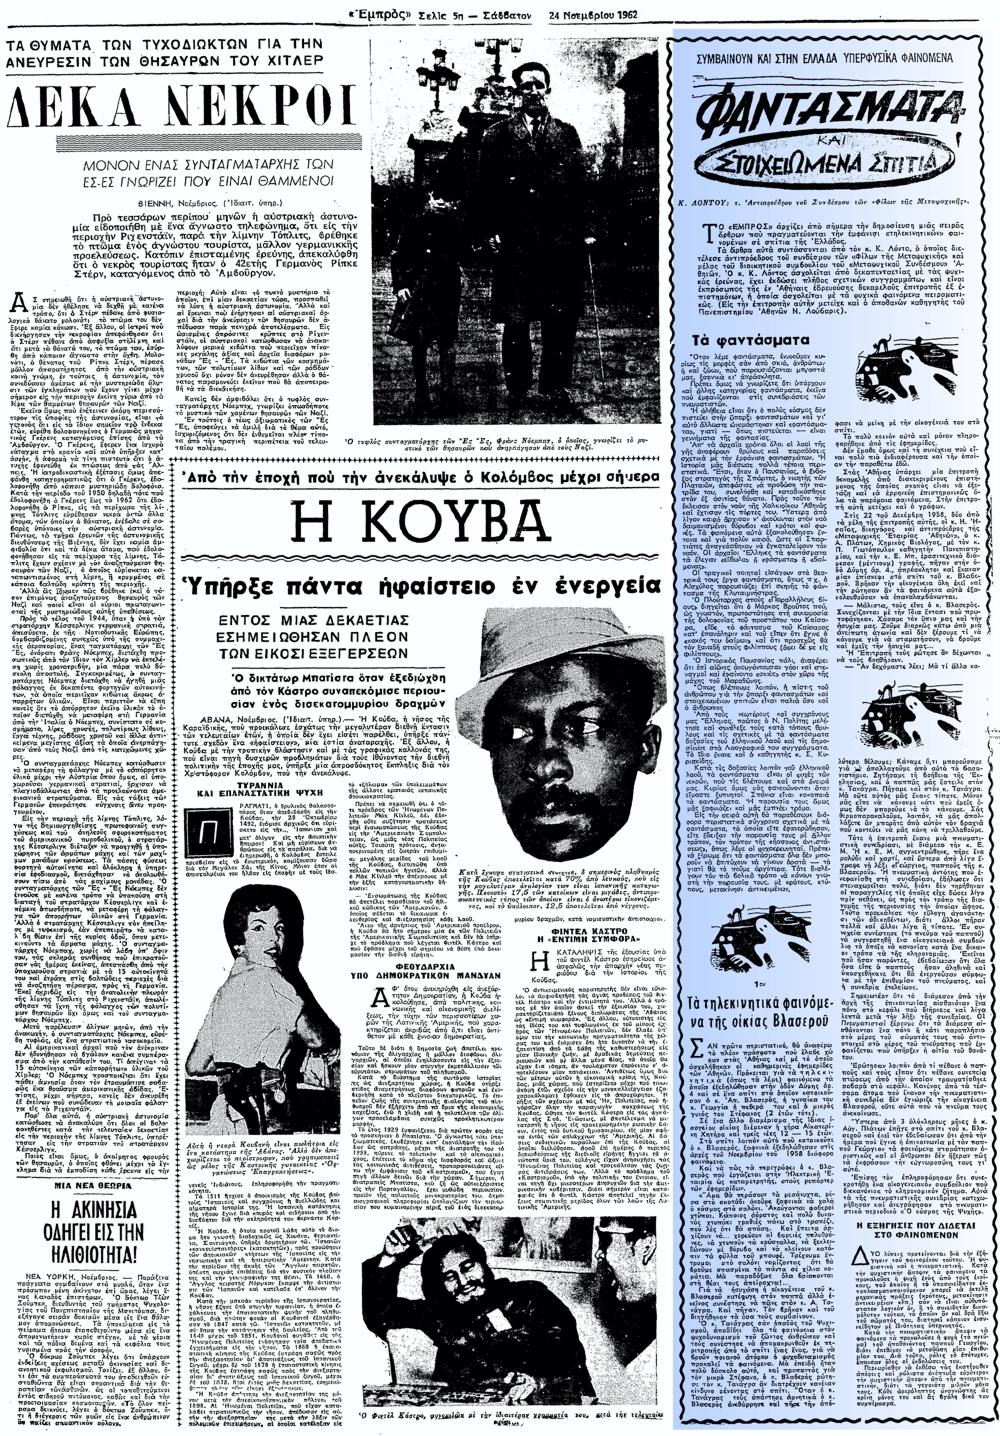 """Το άρθρο, όπως δημοσιεύθηκε στην εφημερίδα """"ΕΜΠΡΟΣ"""", στις 24/11/1962"""